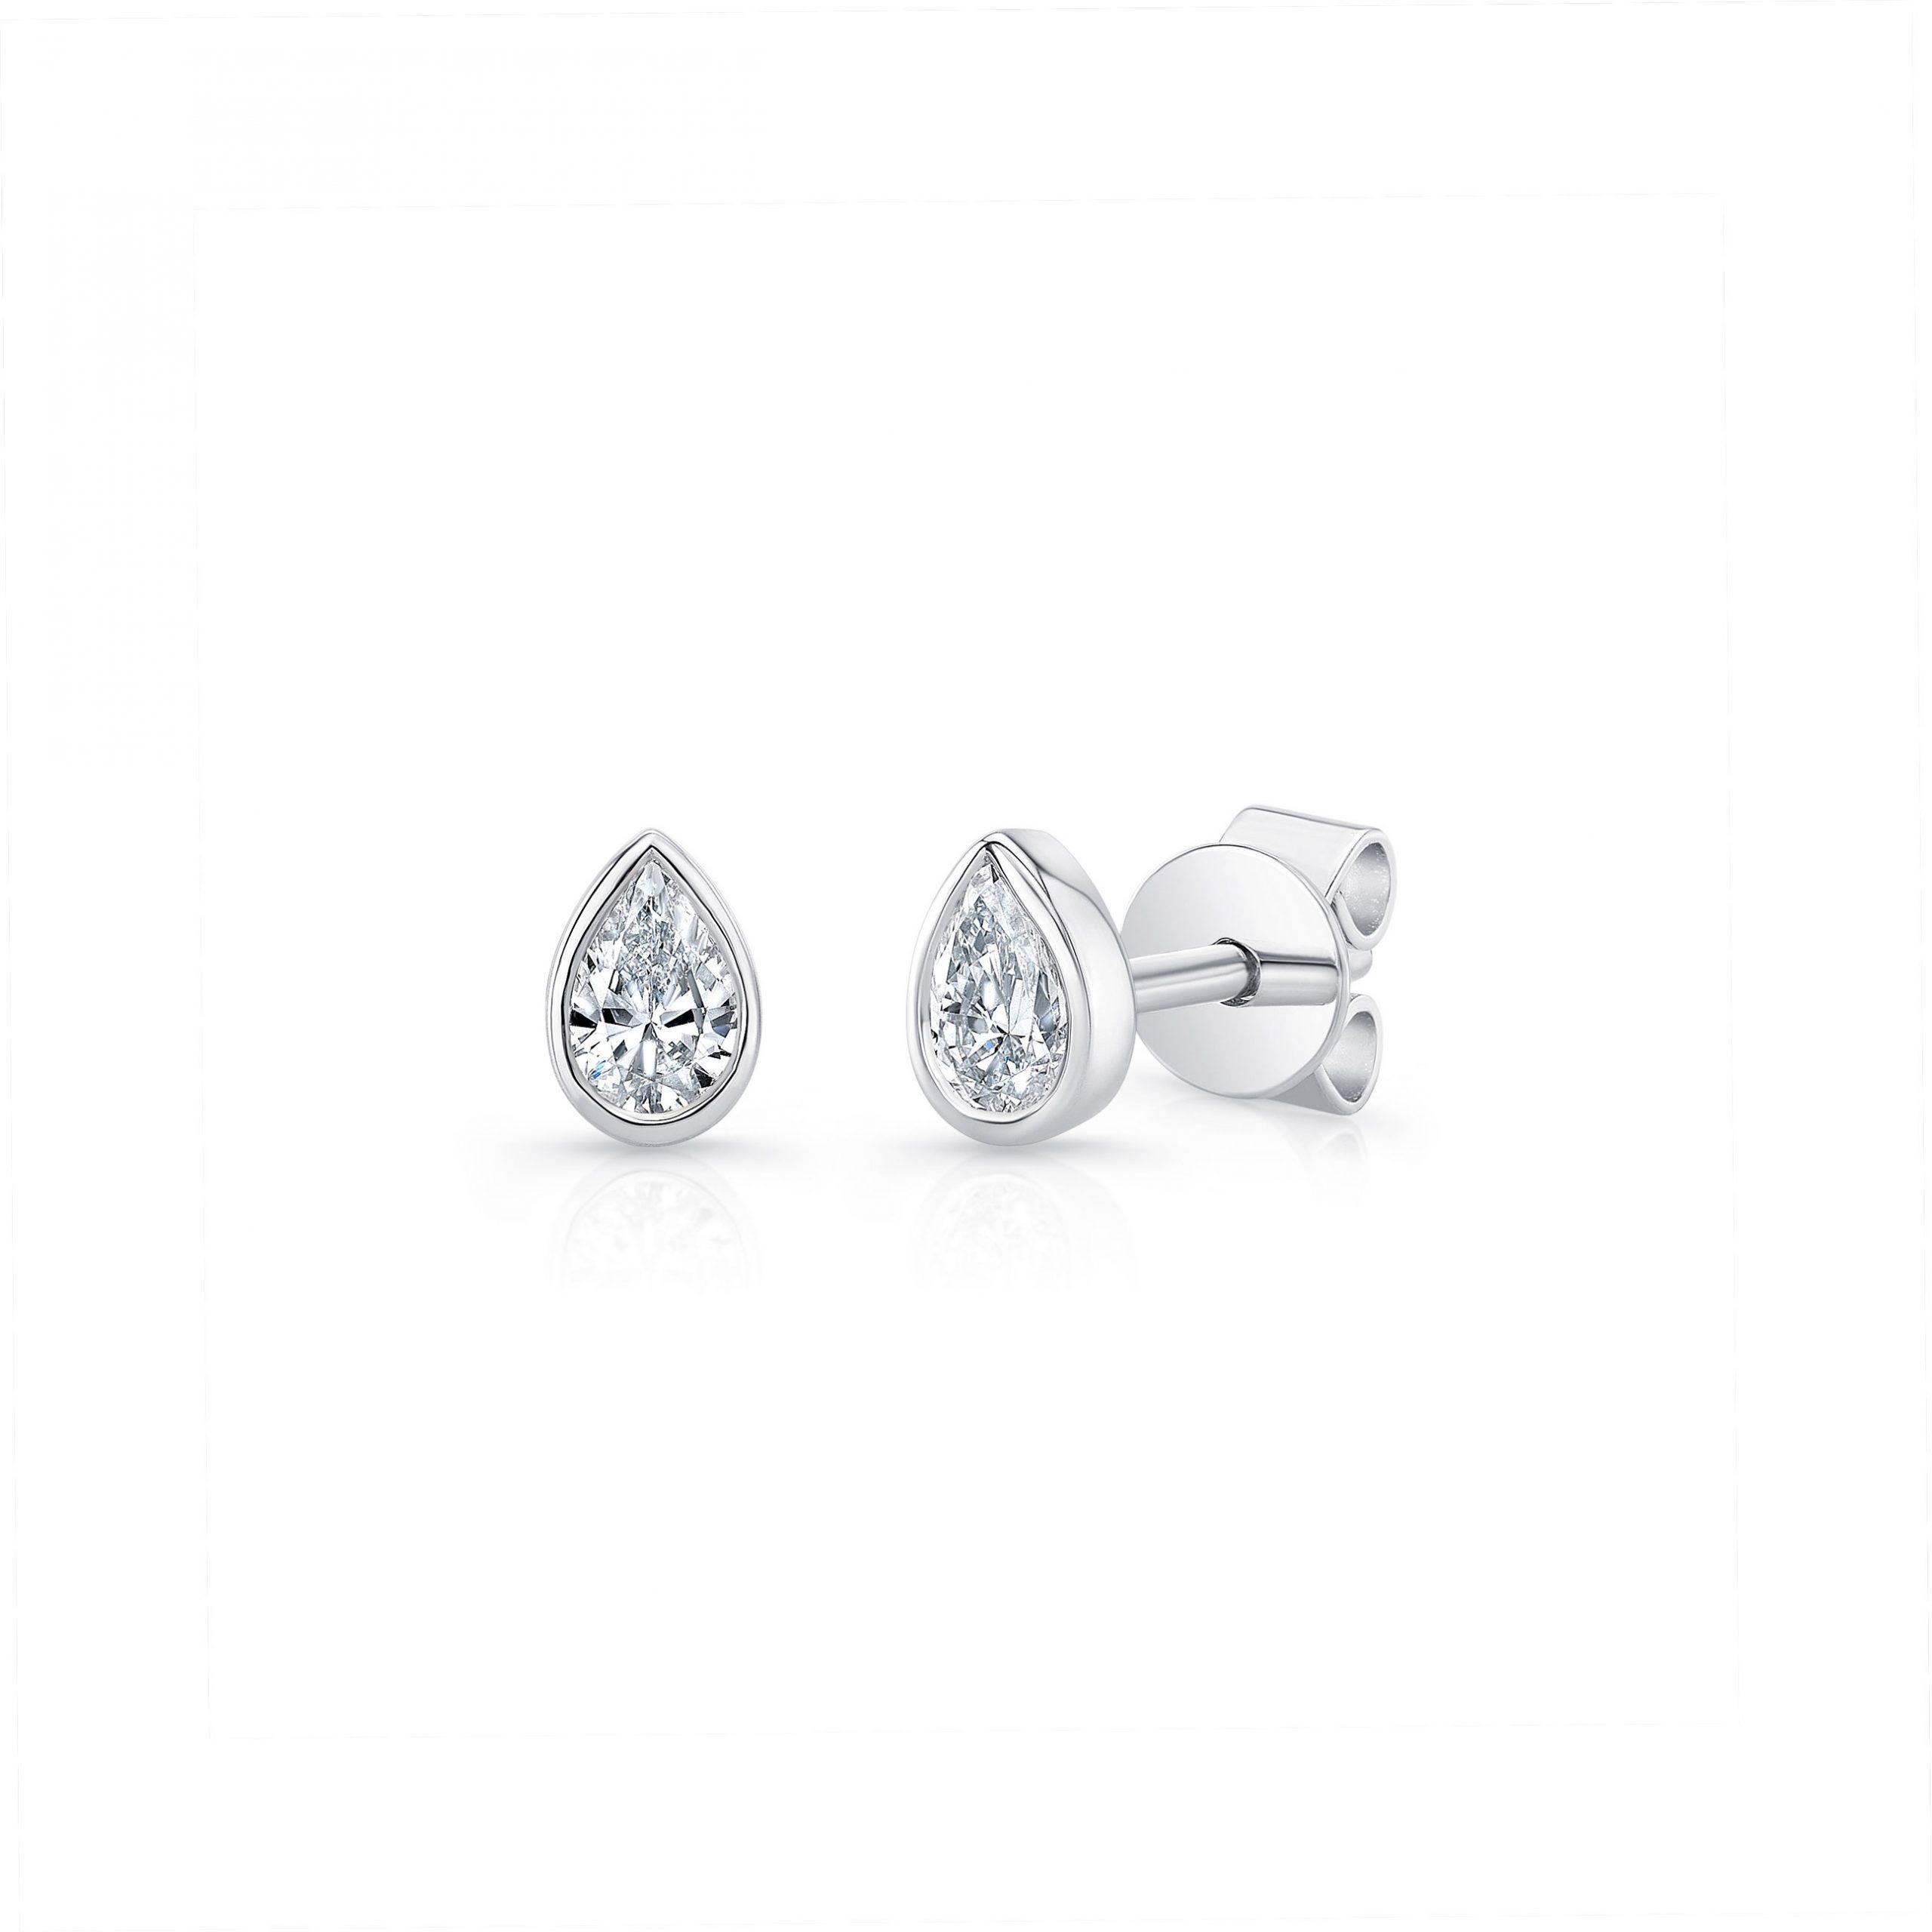 La Petite Pear Bezel Diamond Stud Earrings in 18k White Gold Side View by Oui by Jean Dousset